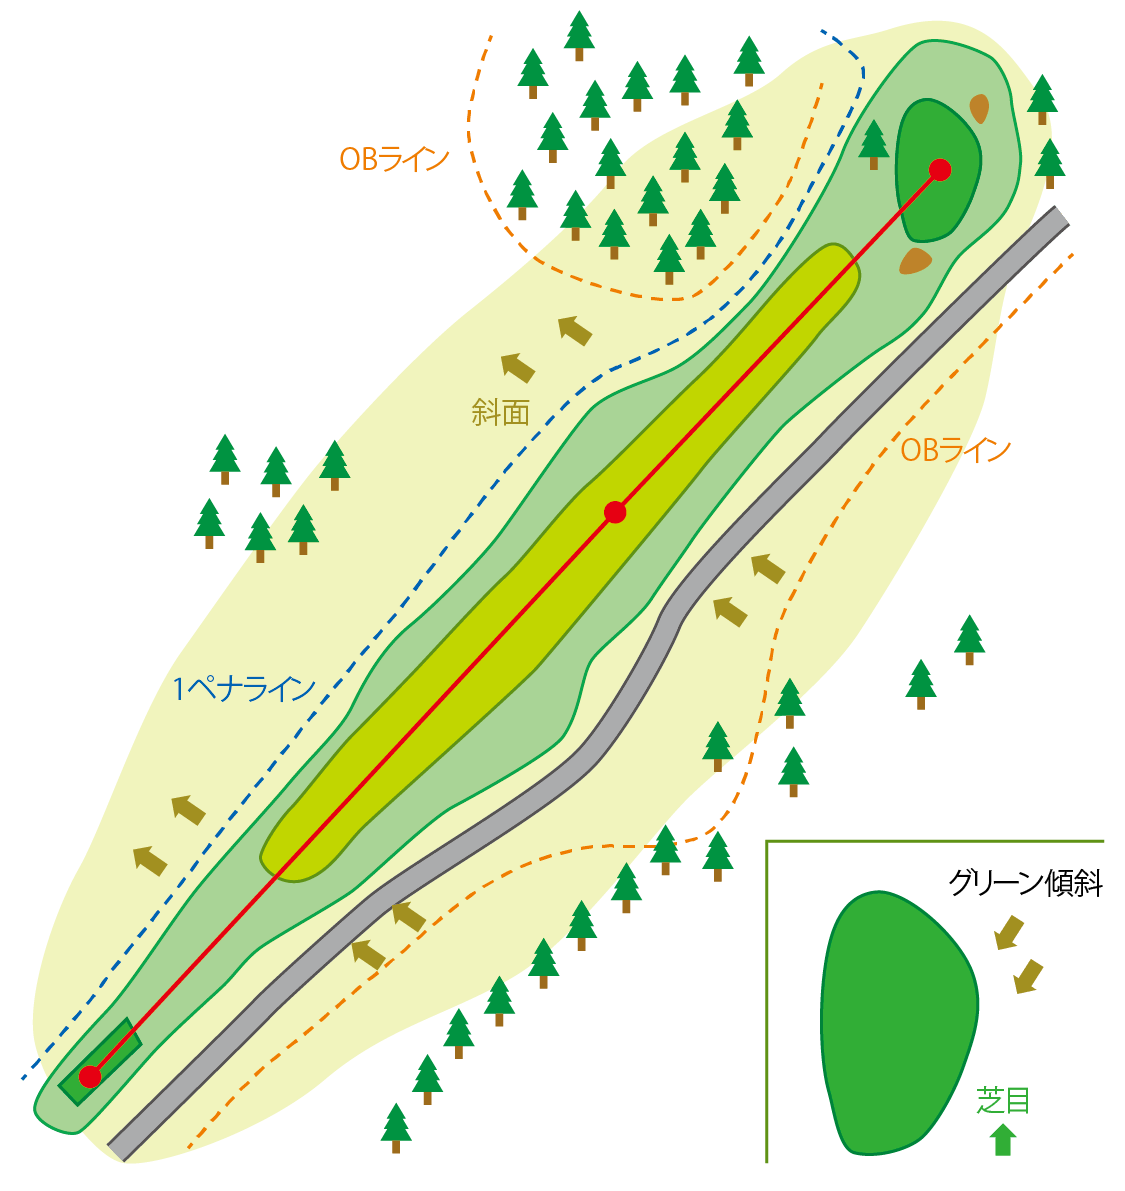 五頭コース HOLE5のコースマップ